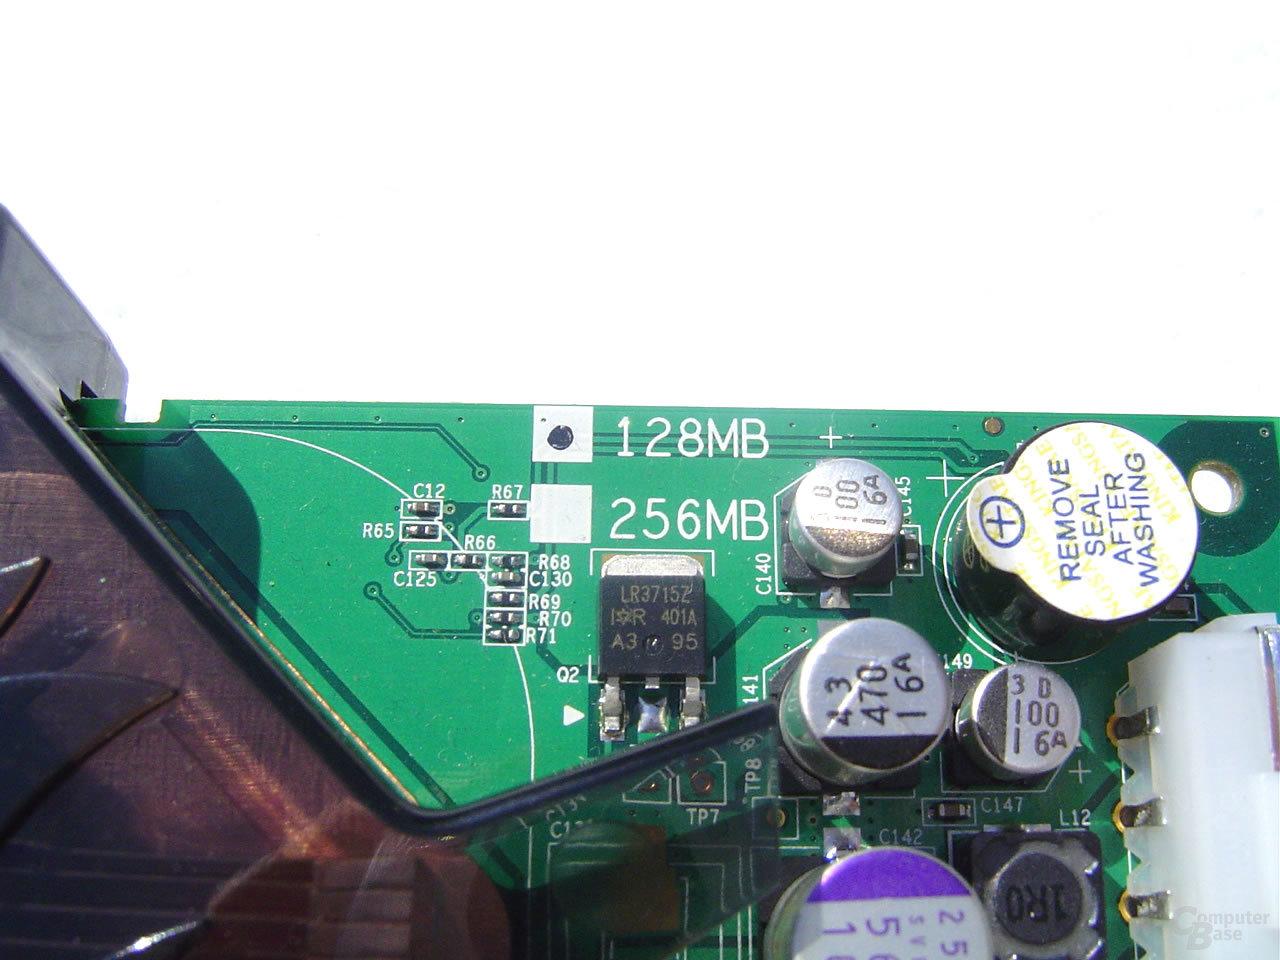 Leadtek WinFast A400